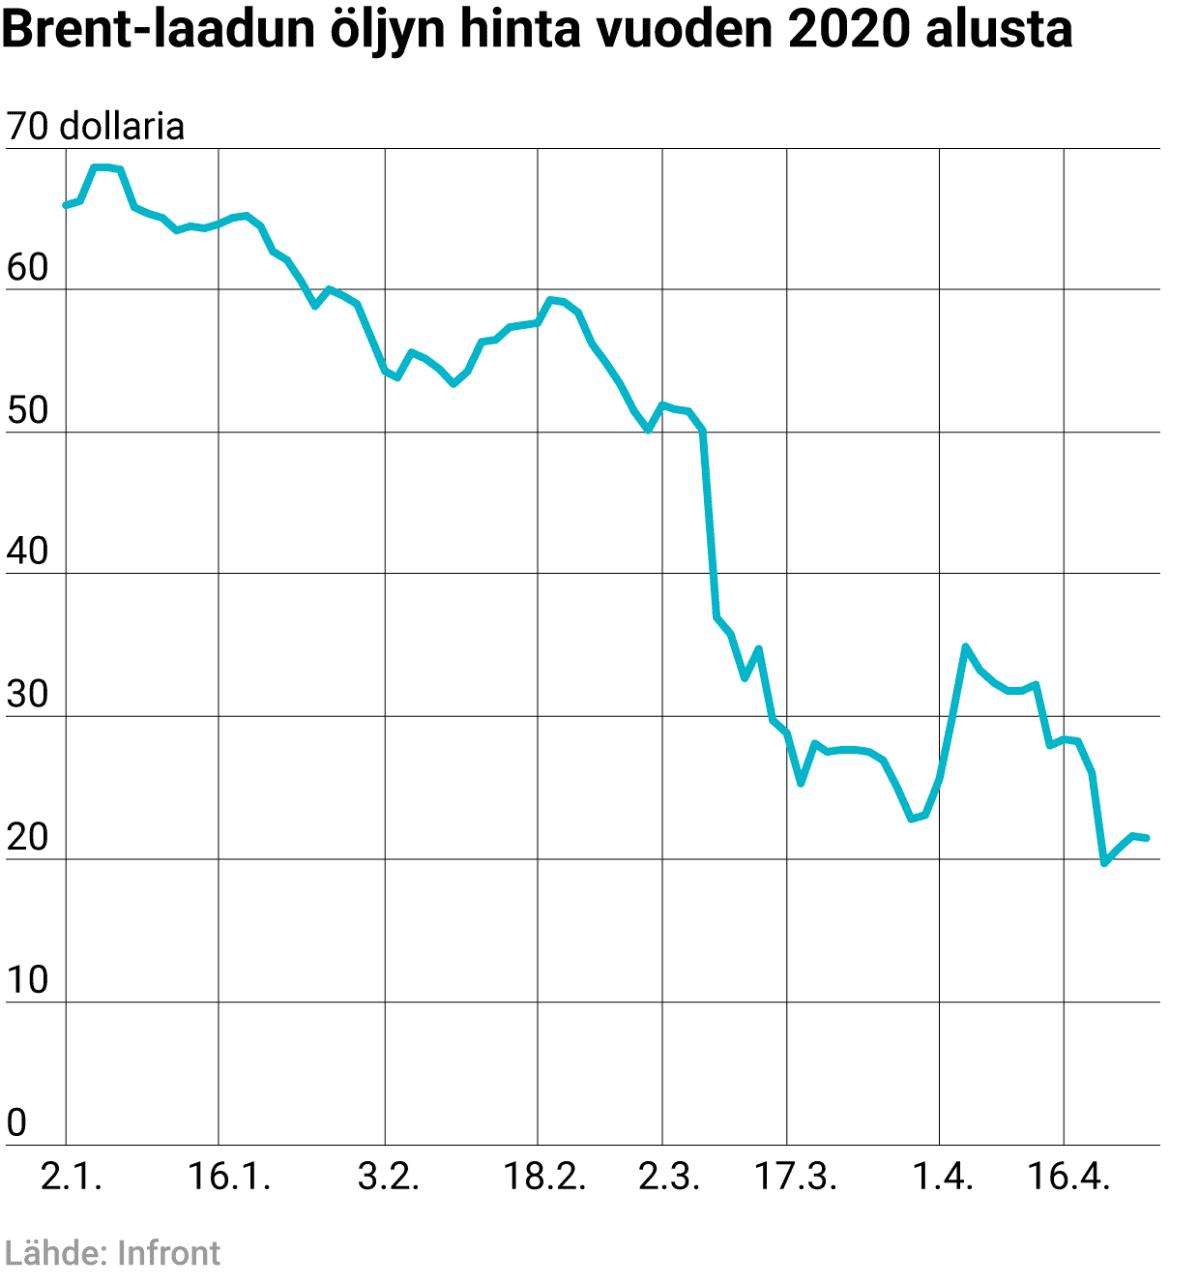 Brent-laadun öljyn hinta vuoden 2020 alusta